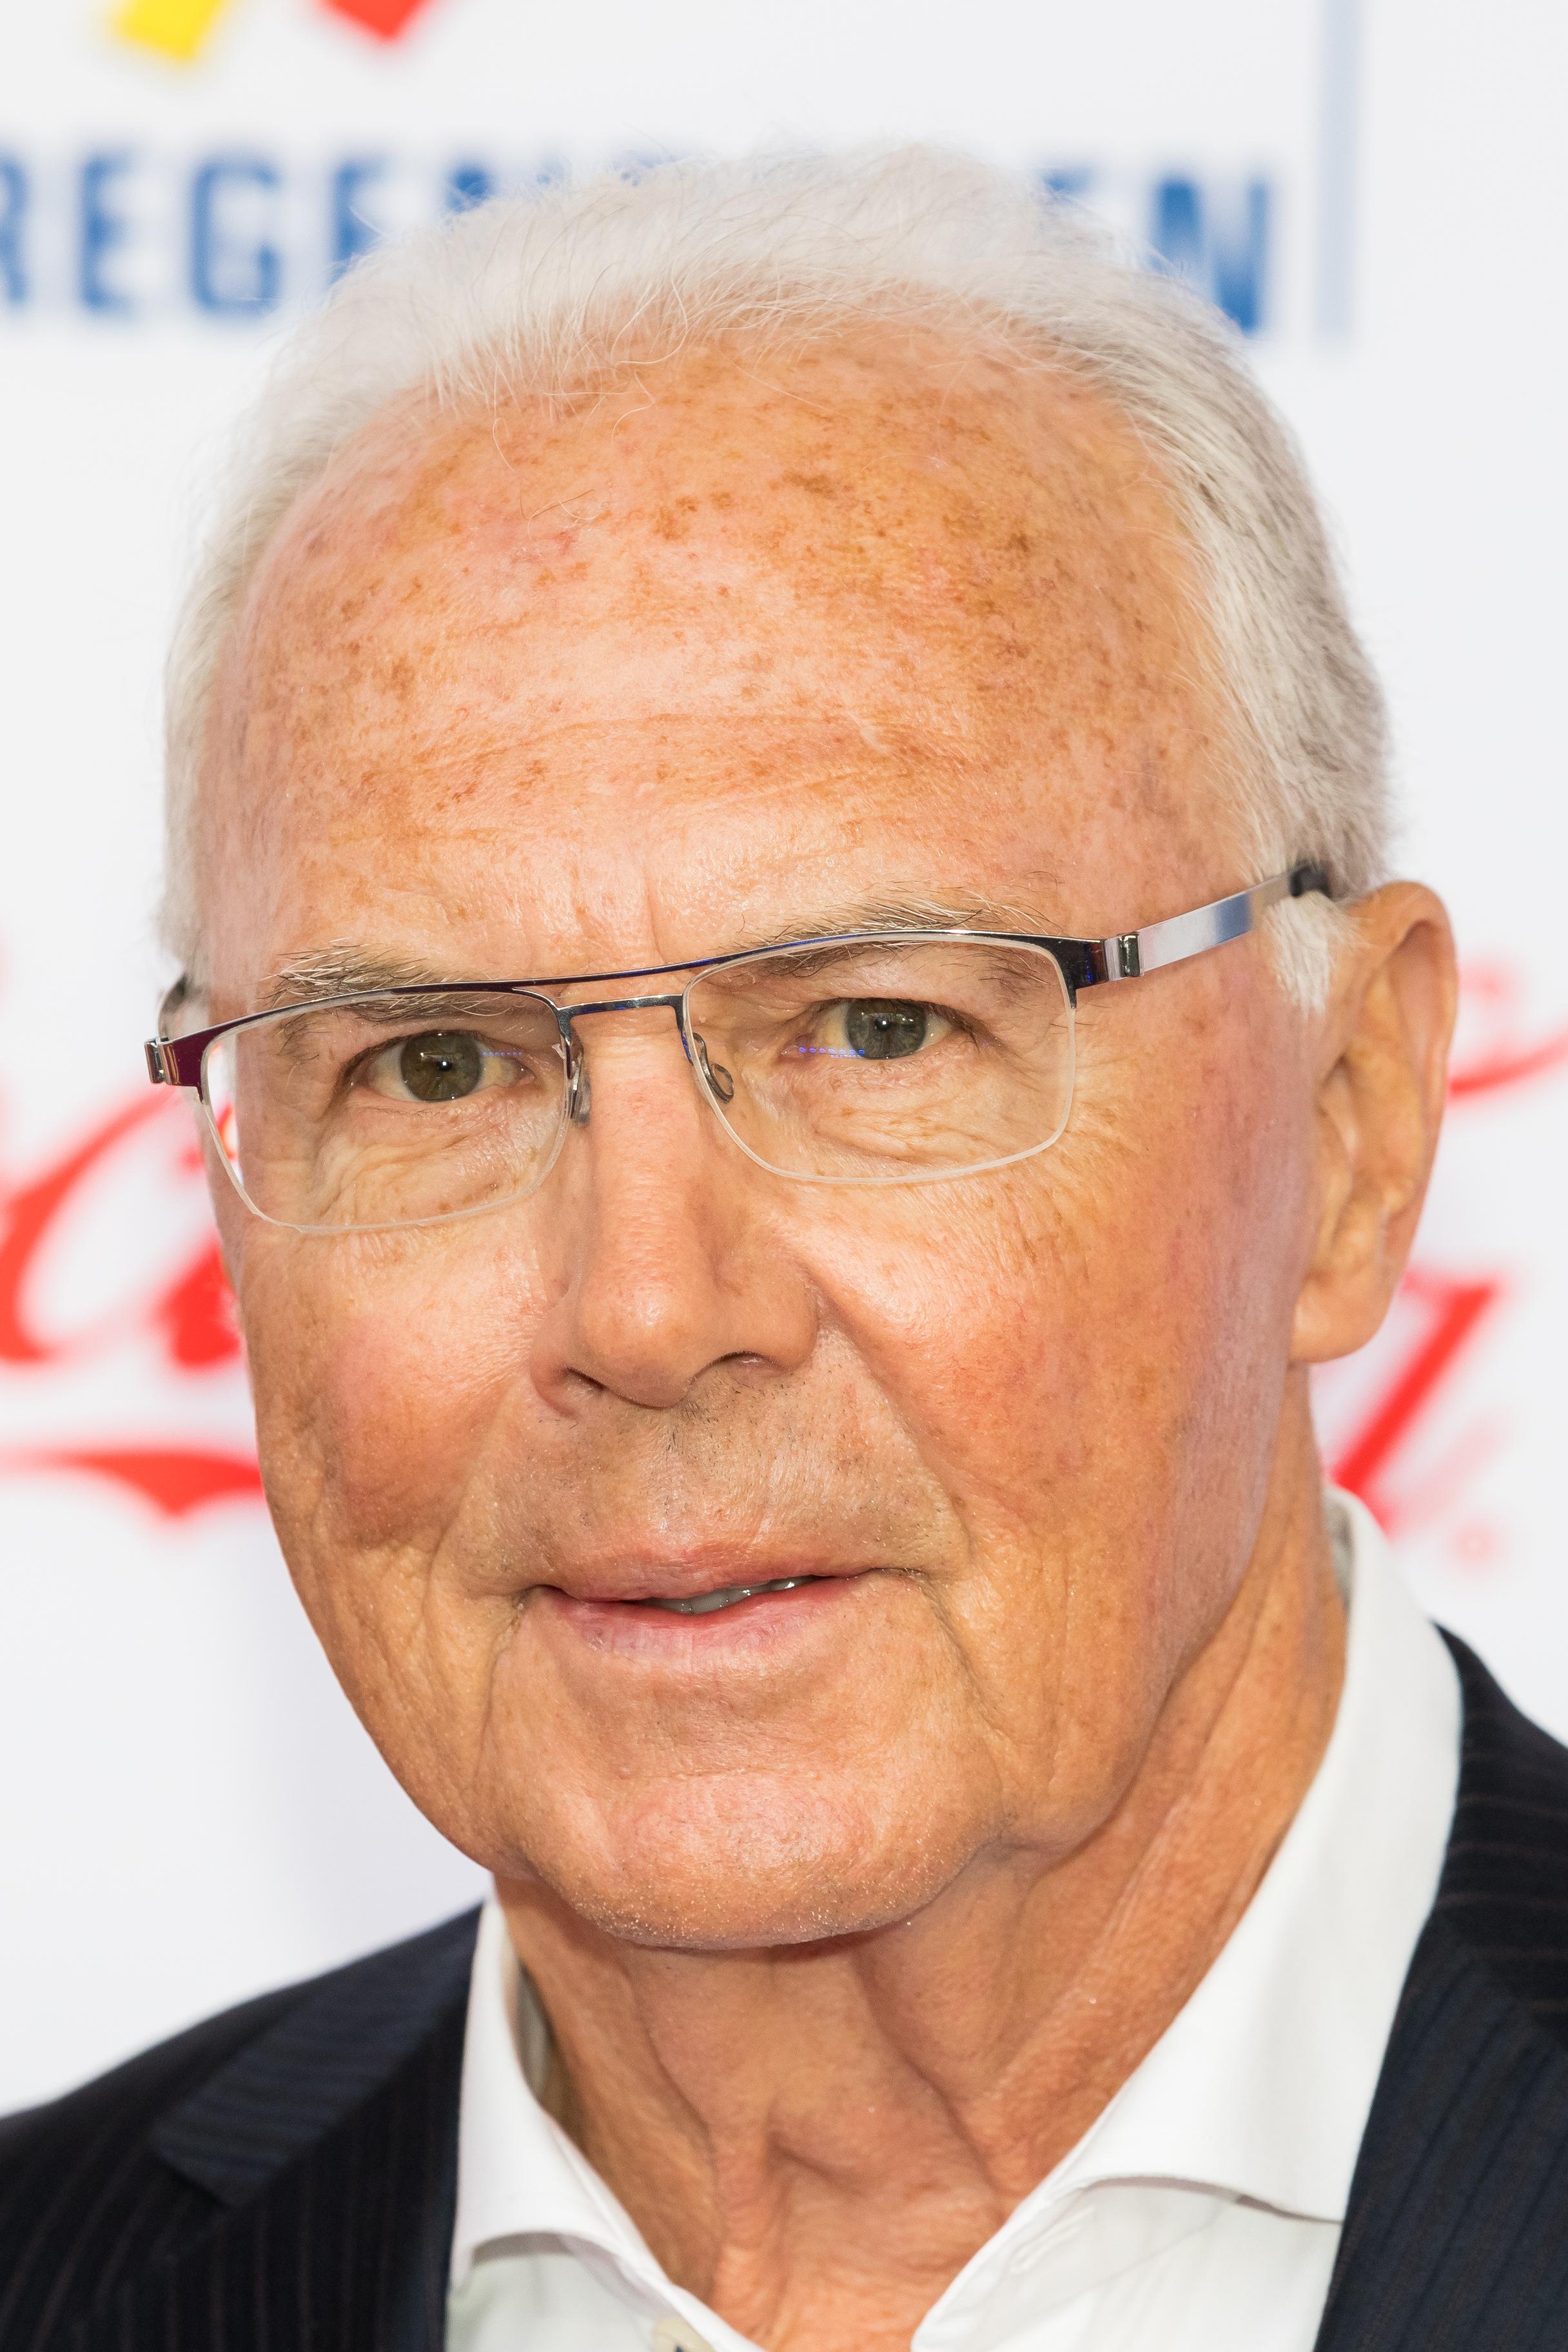 Zitate Franz Beckenbauer